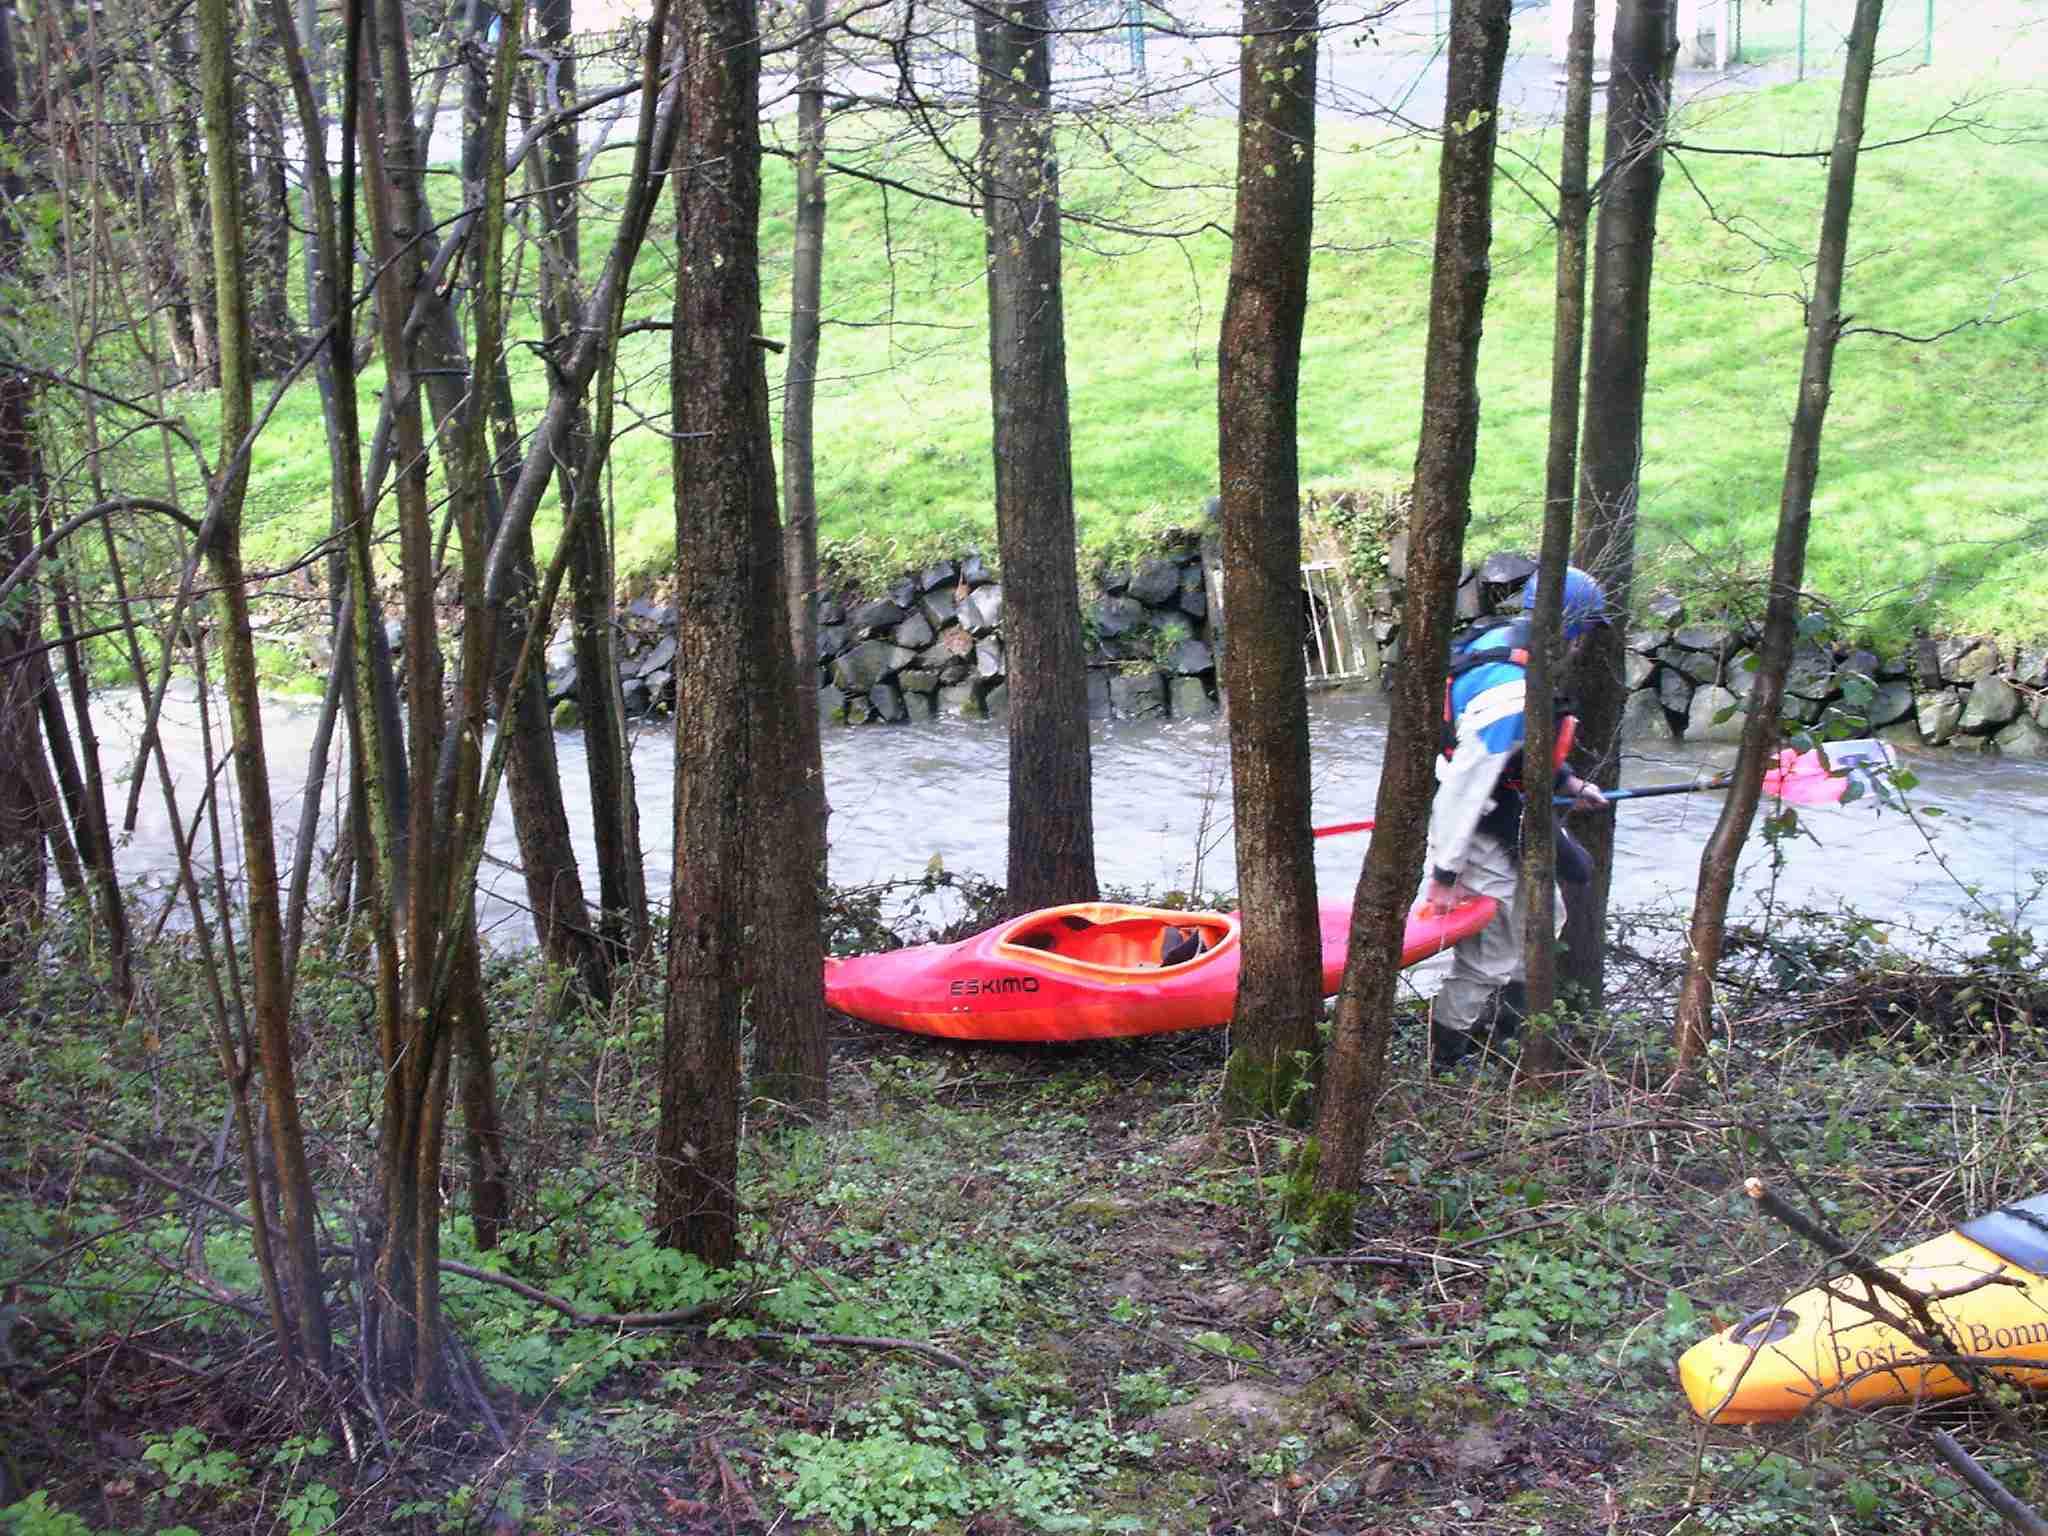 An der Einstiegsstelle kämpften wir uns durch das Unterholz und Brommbeergestrüpp